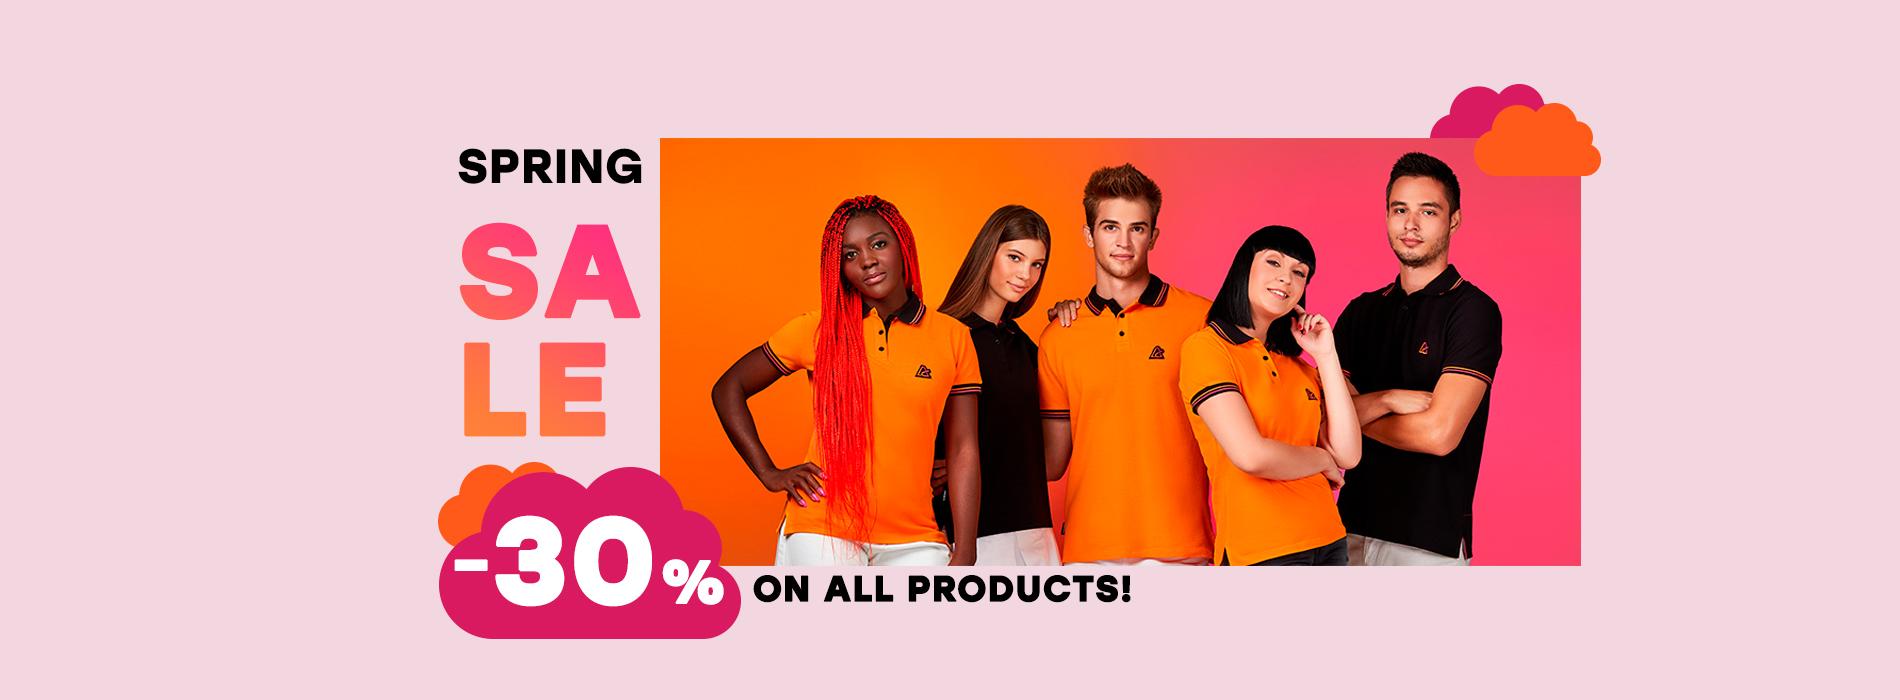 Image for Spring sale on Algebra web shop!